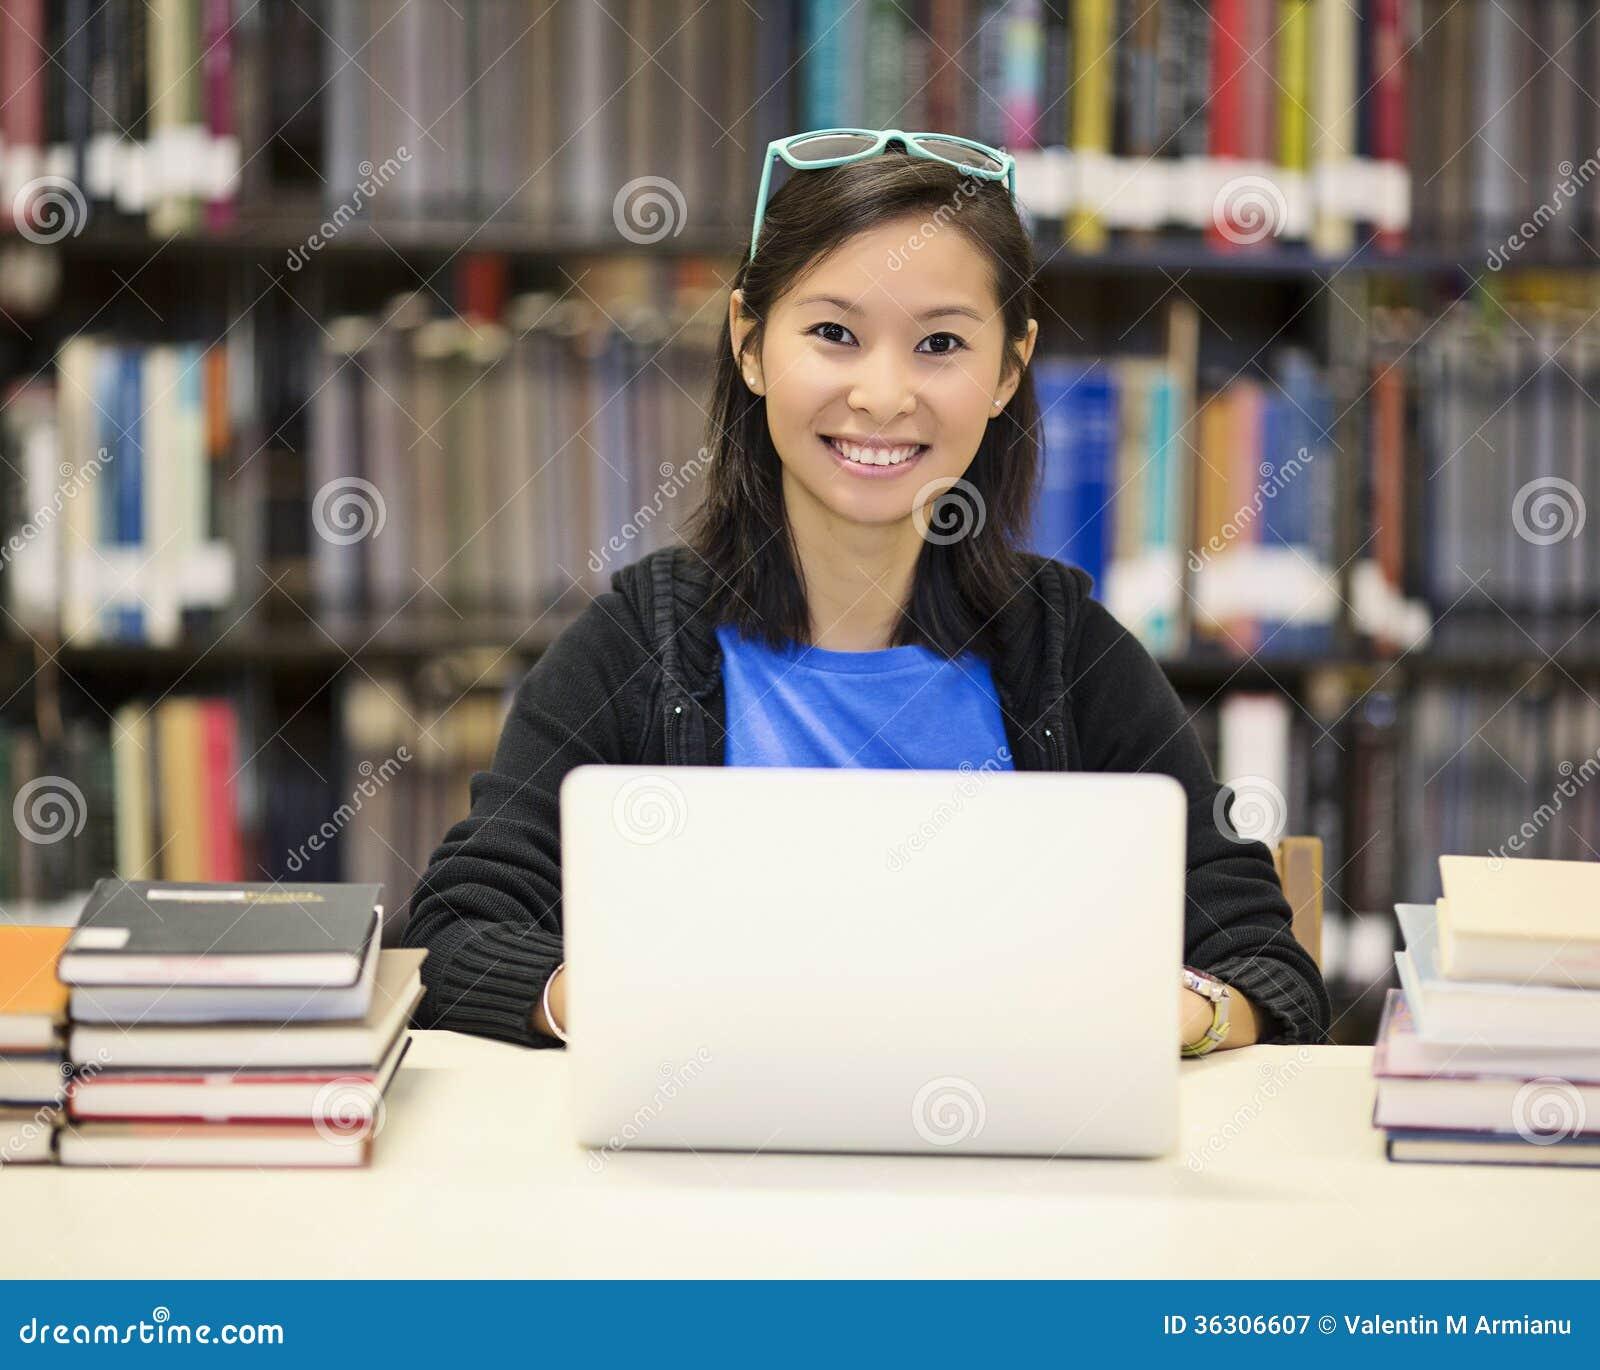 Azjatycka kobieta w bibliotece z laptopem